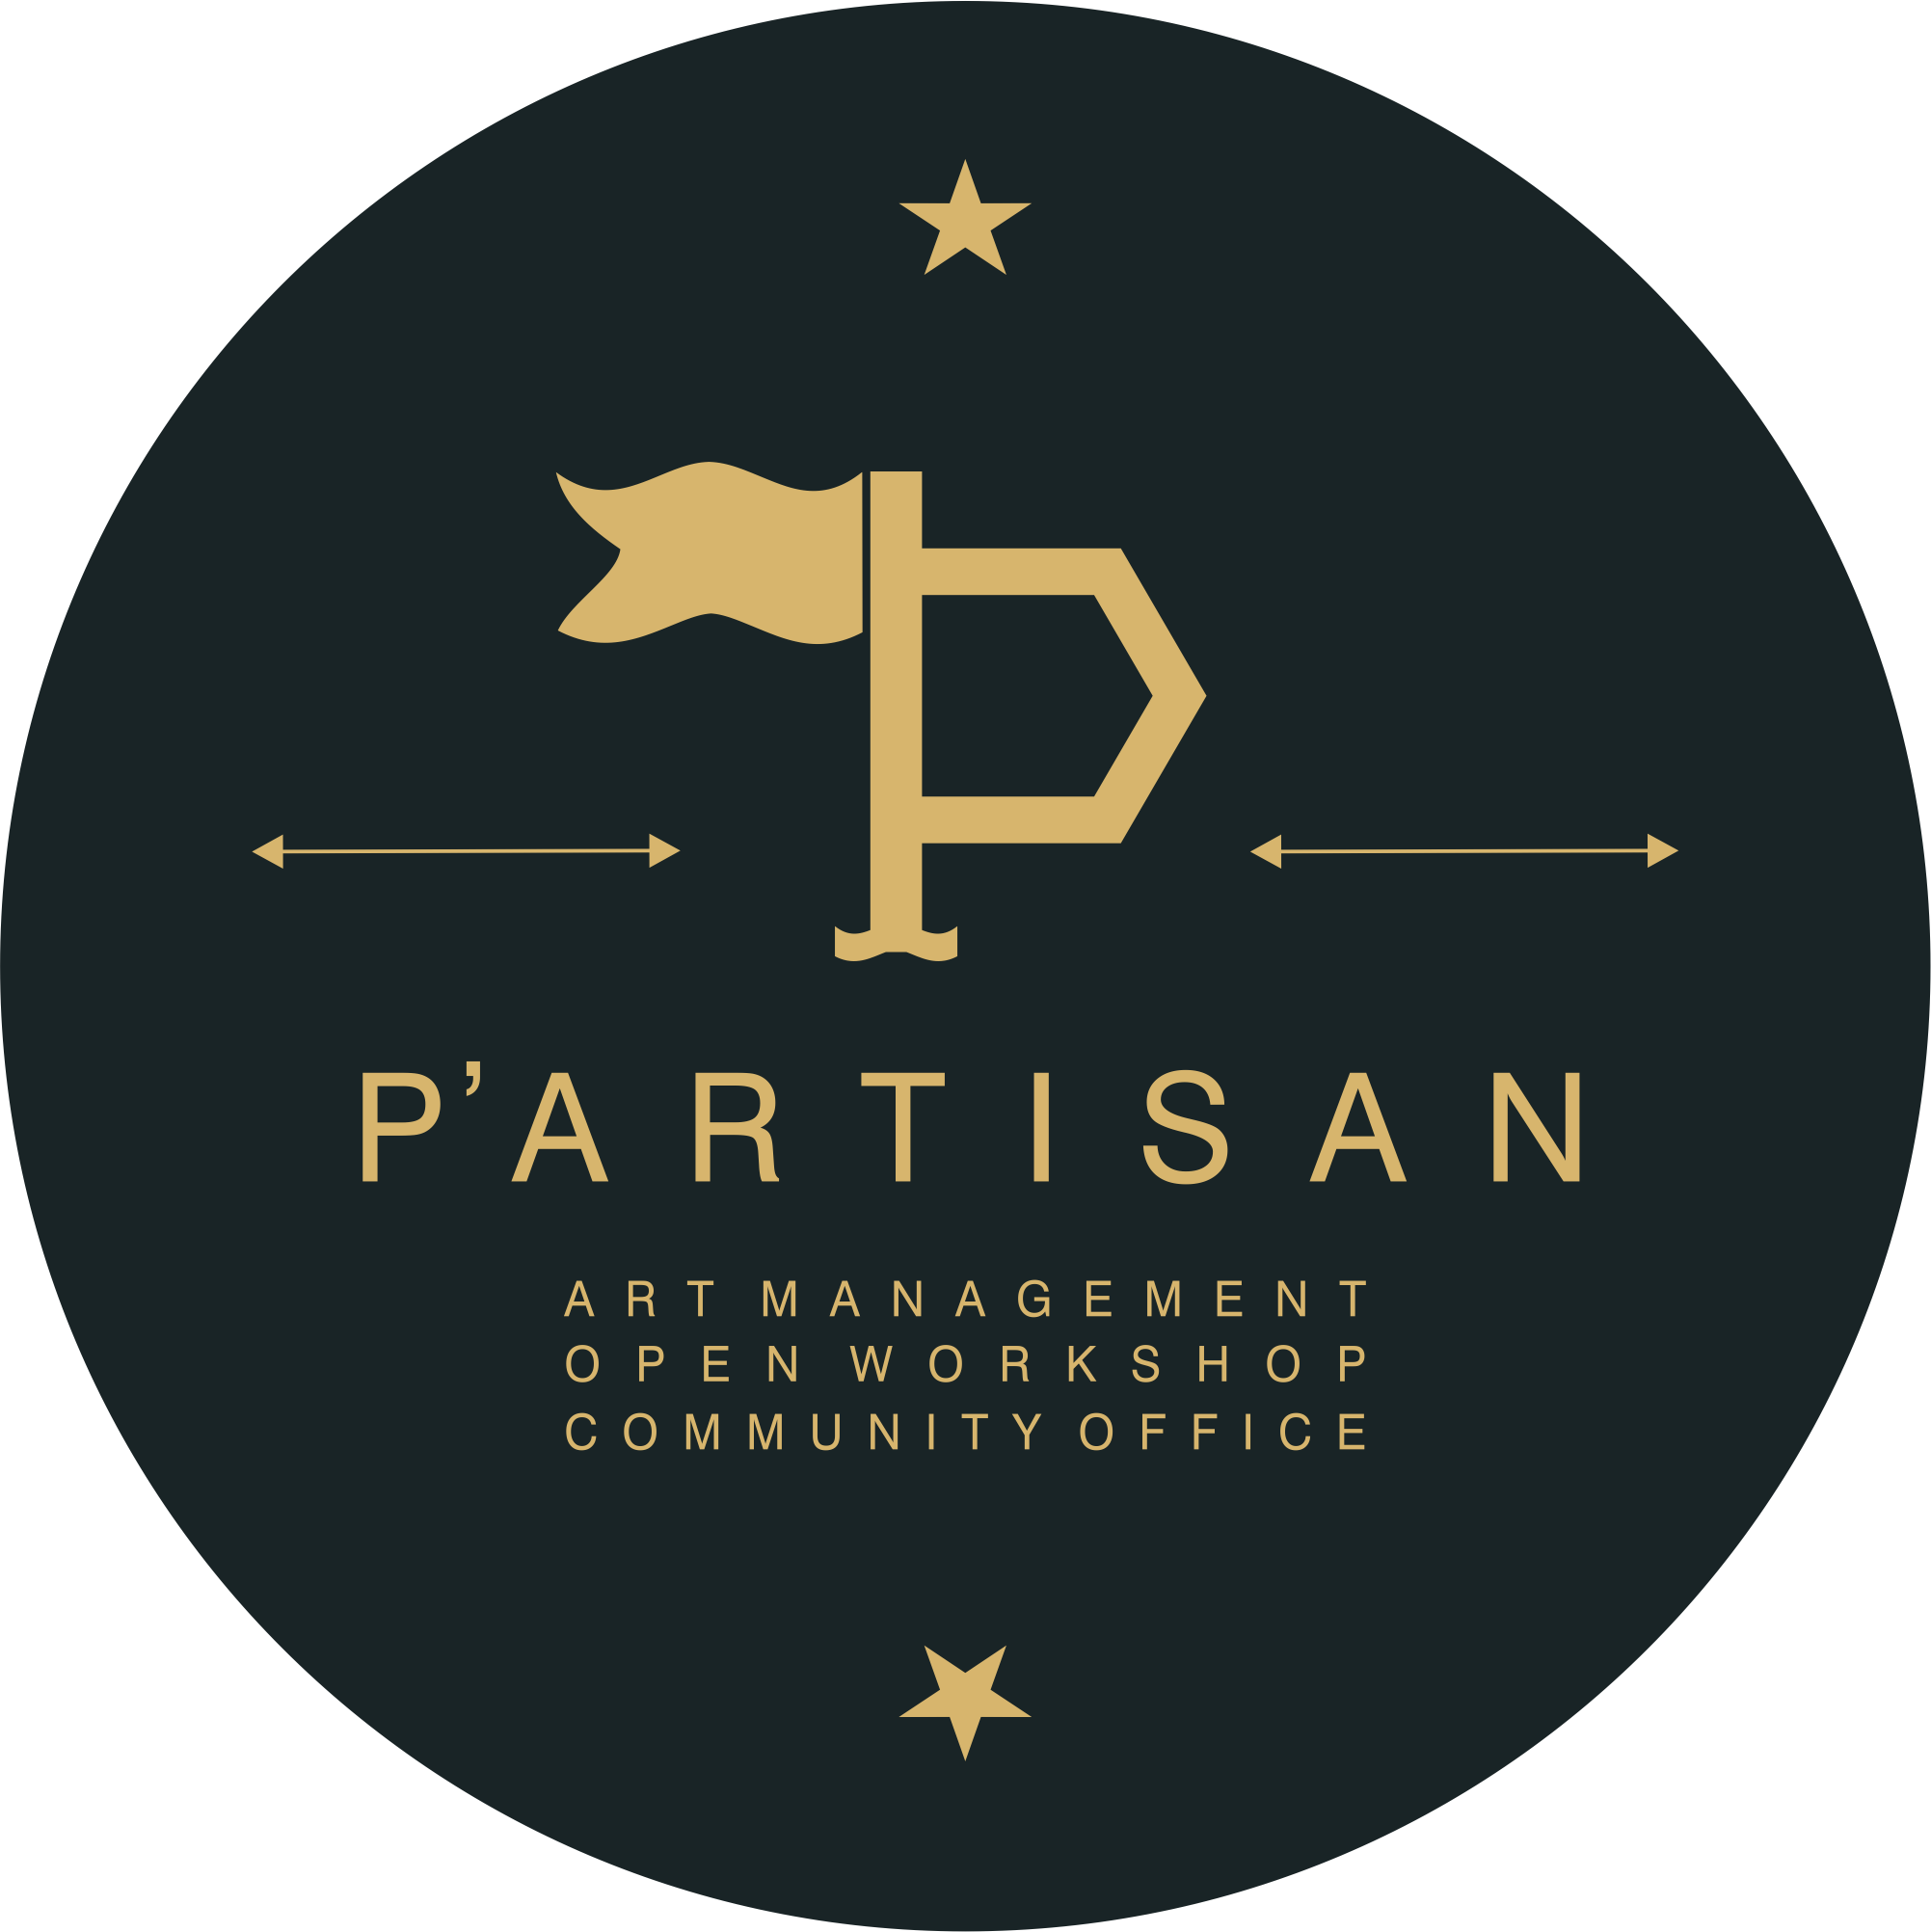 partizan logo.png